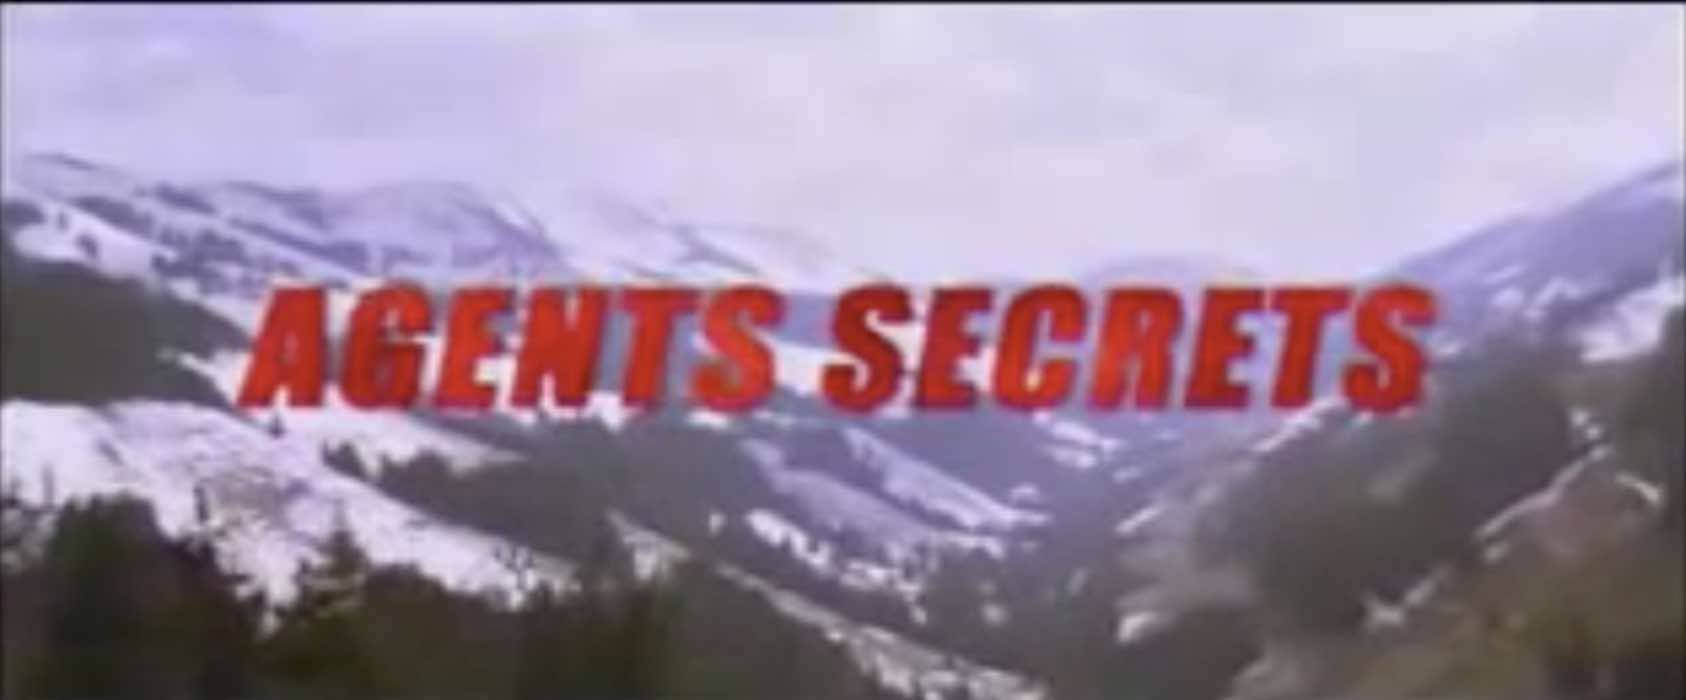 Agents secrets: trama, info e curiosità del film con Monica Bellucci